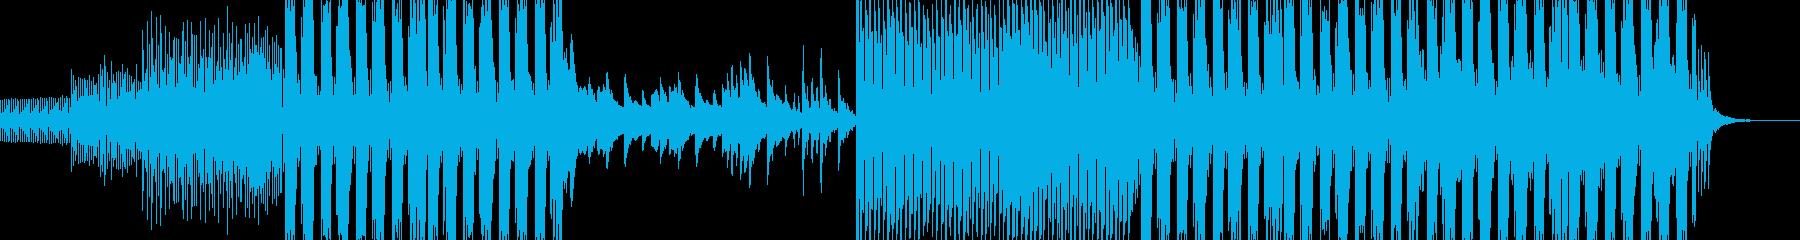 ハロウィンな雰囲気のフューチャーベースの再生済みの波形